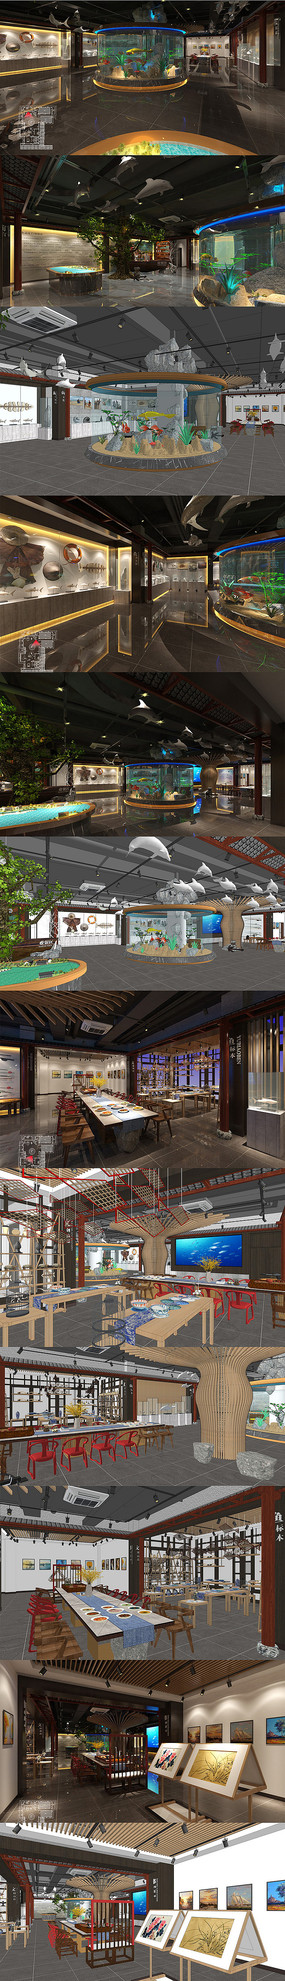 夜钓场鱼展厅鱼博物馆室内设计模型